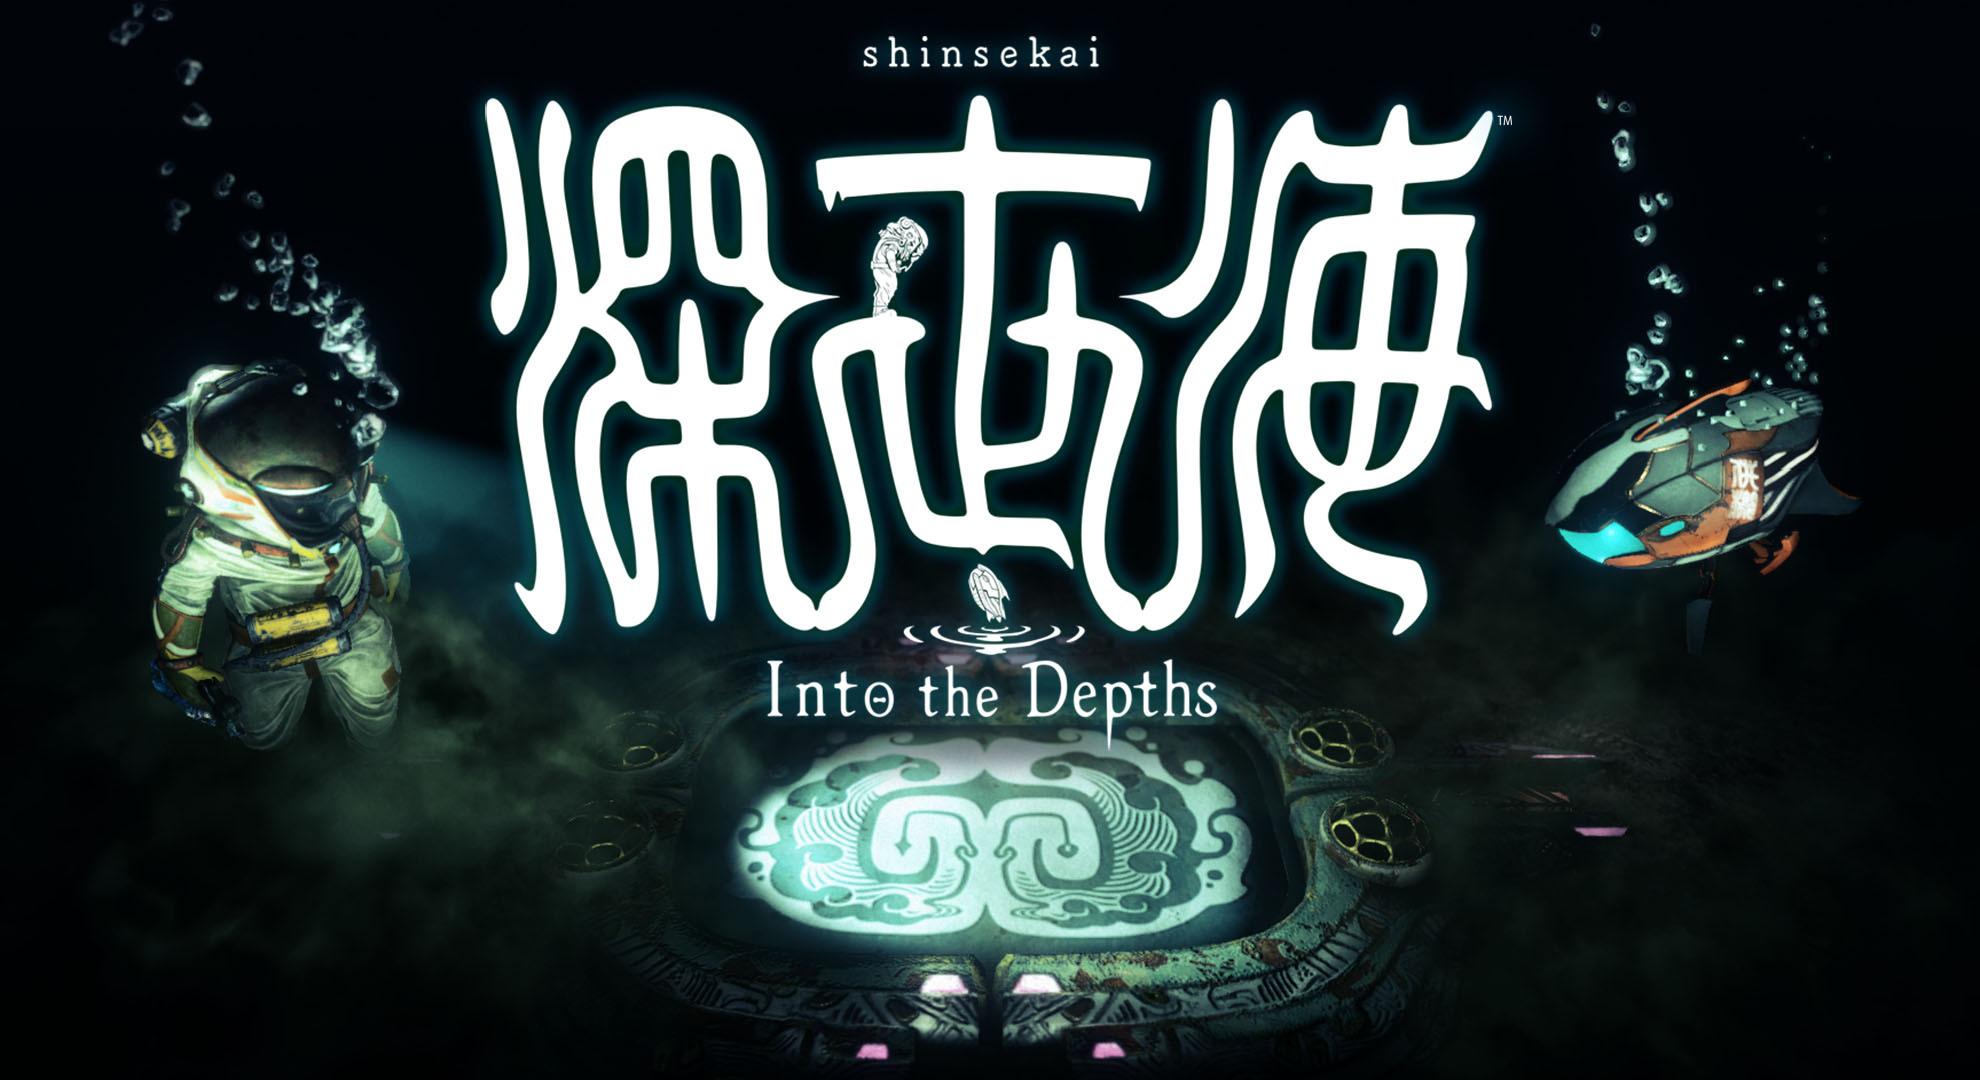 Shinsekai: Into the Depths